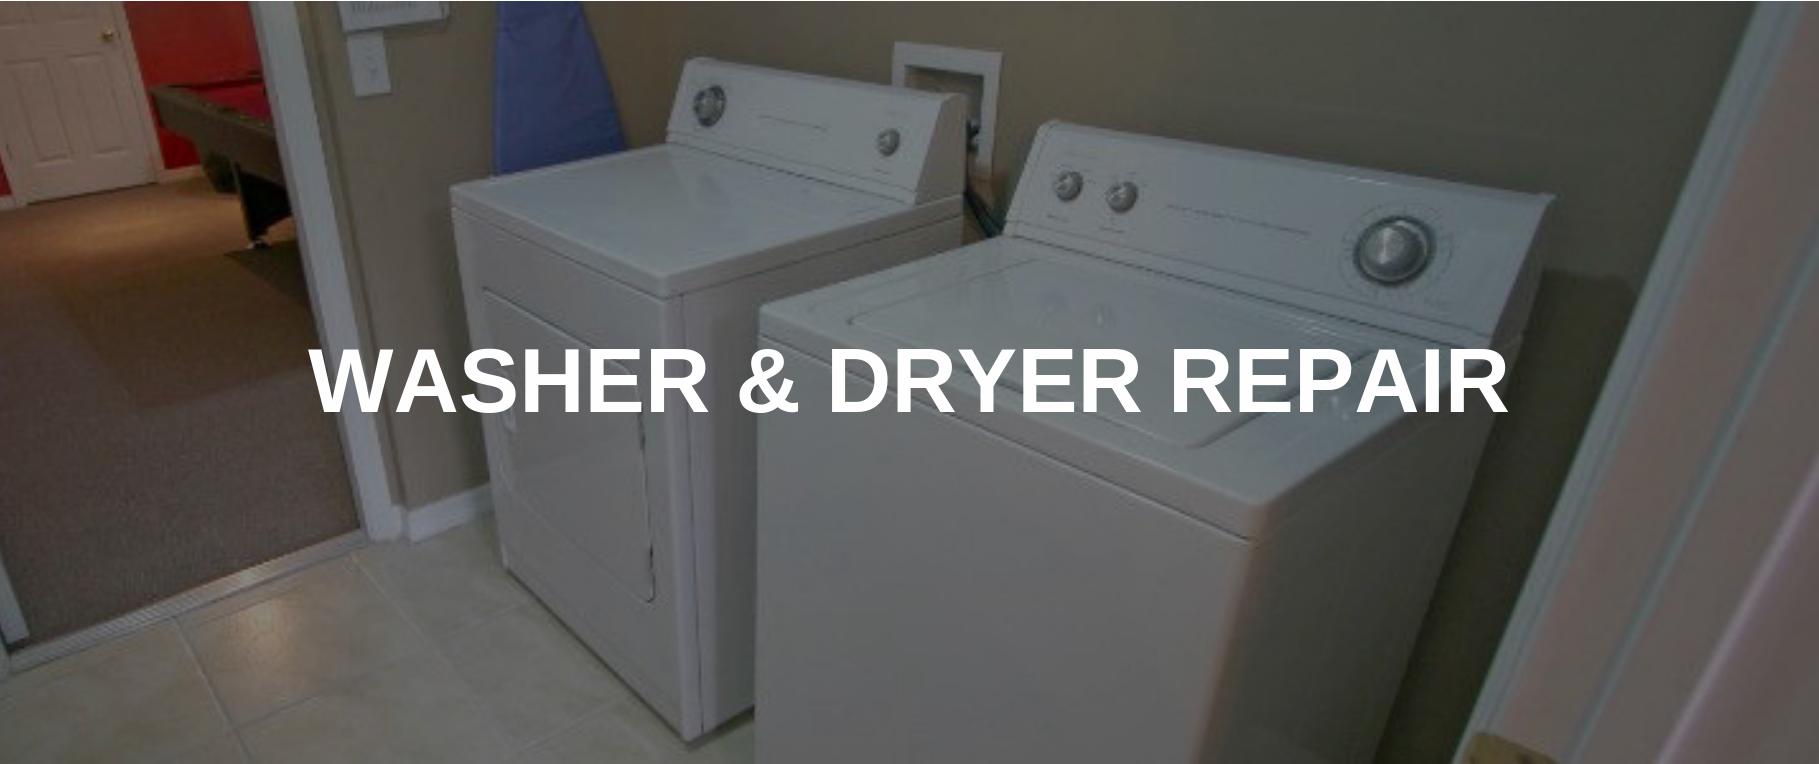 washing machine repair Branford